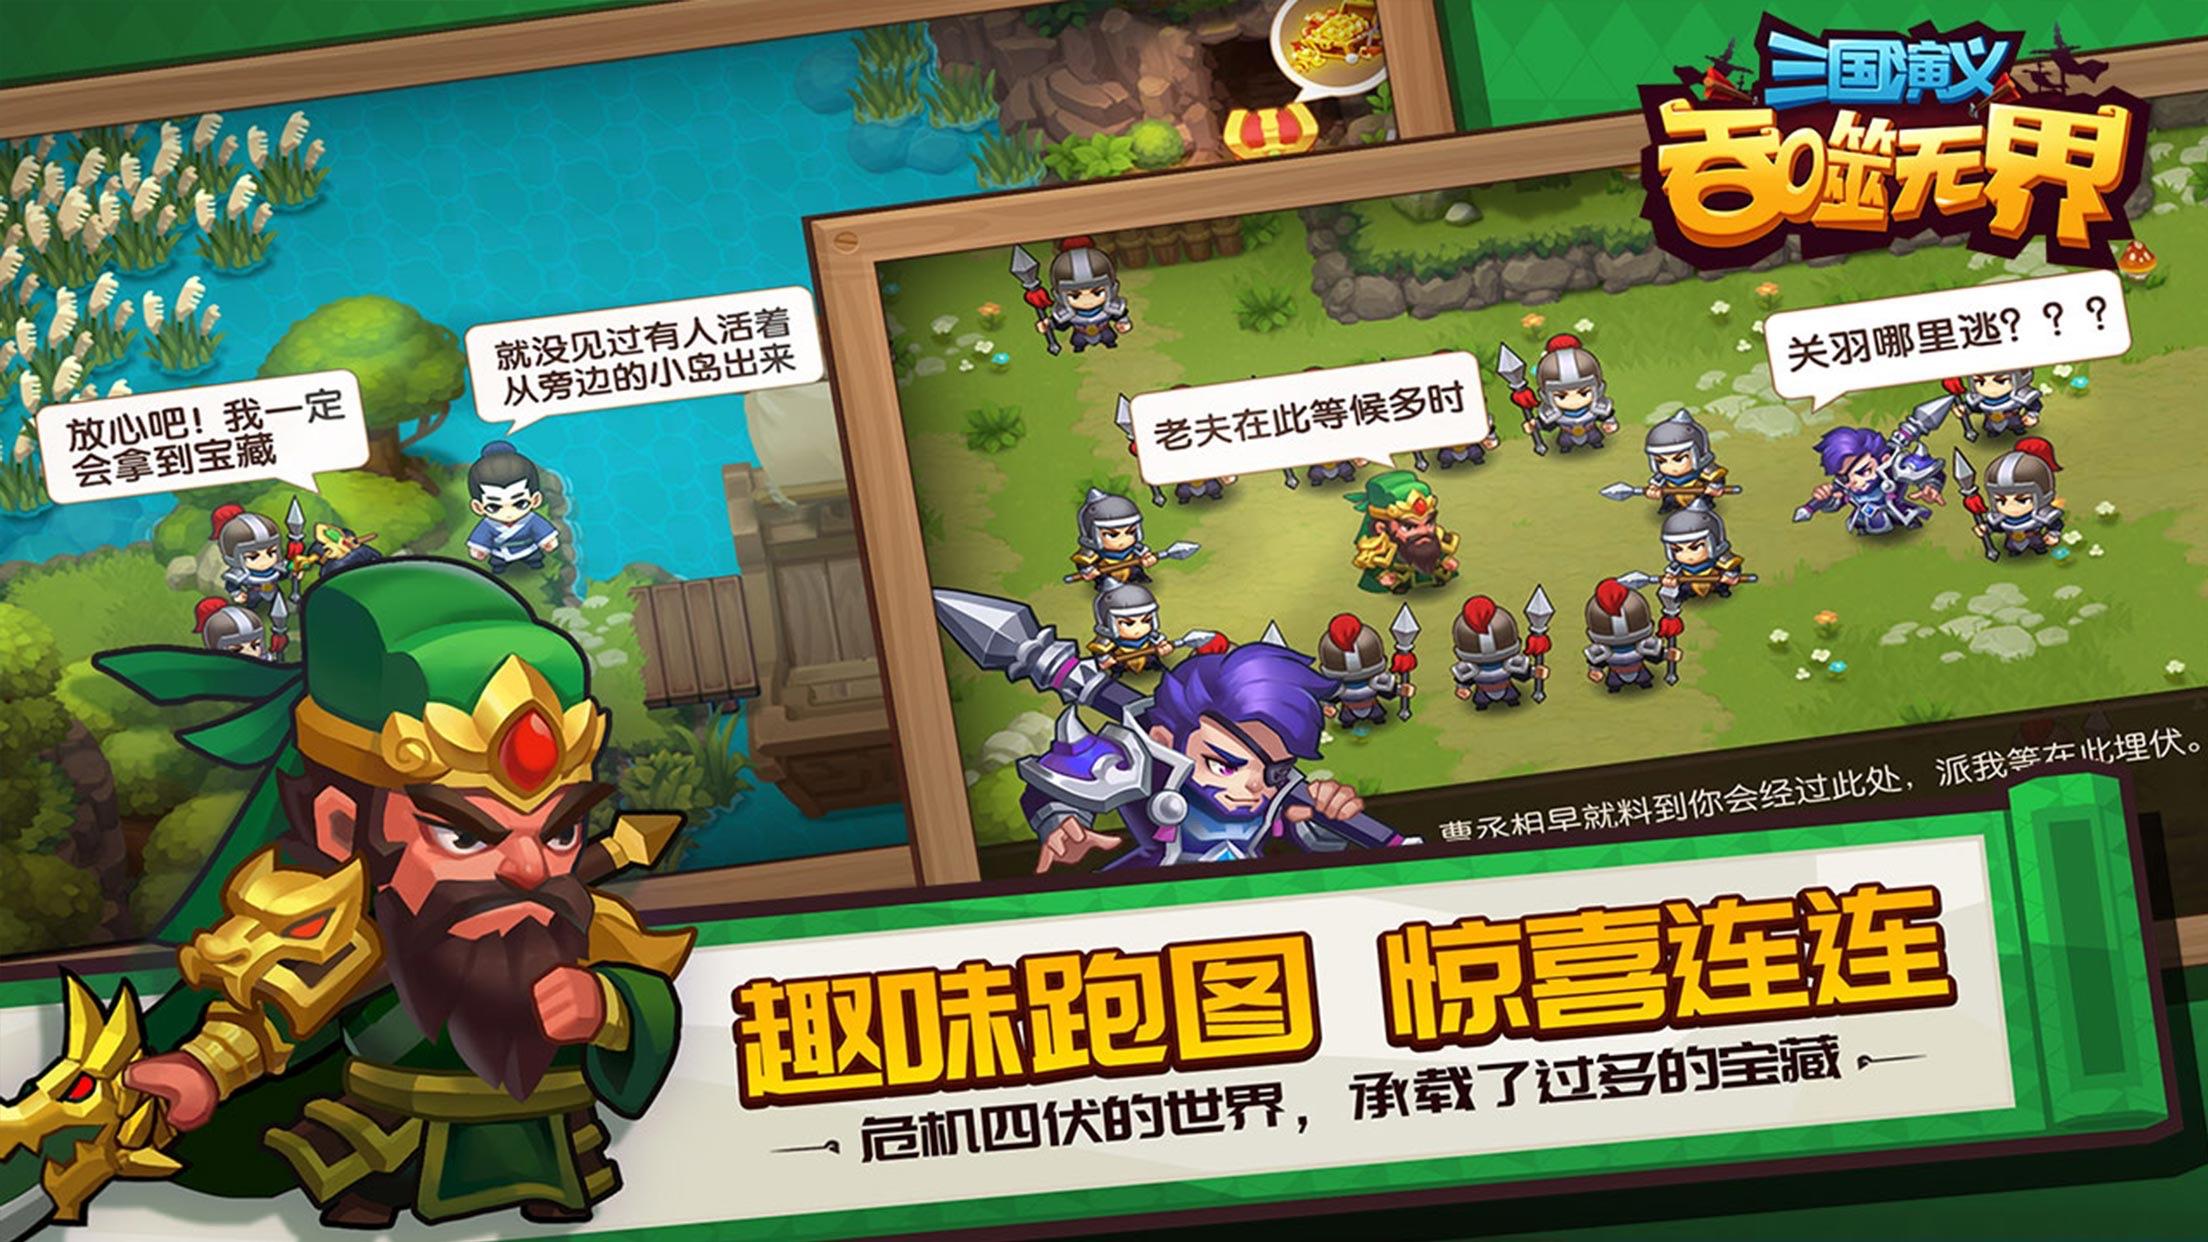 三国演义:吞噬无界-单机RPG跑图游戏 Screenshot